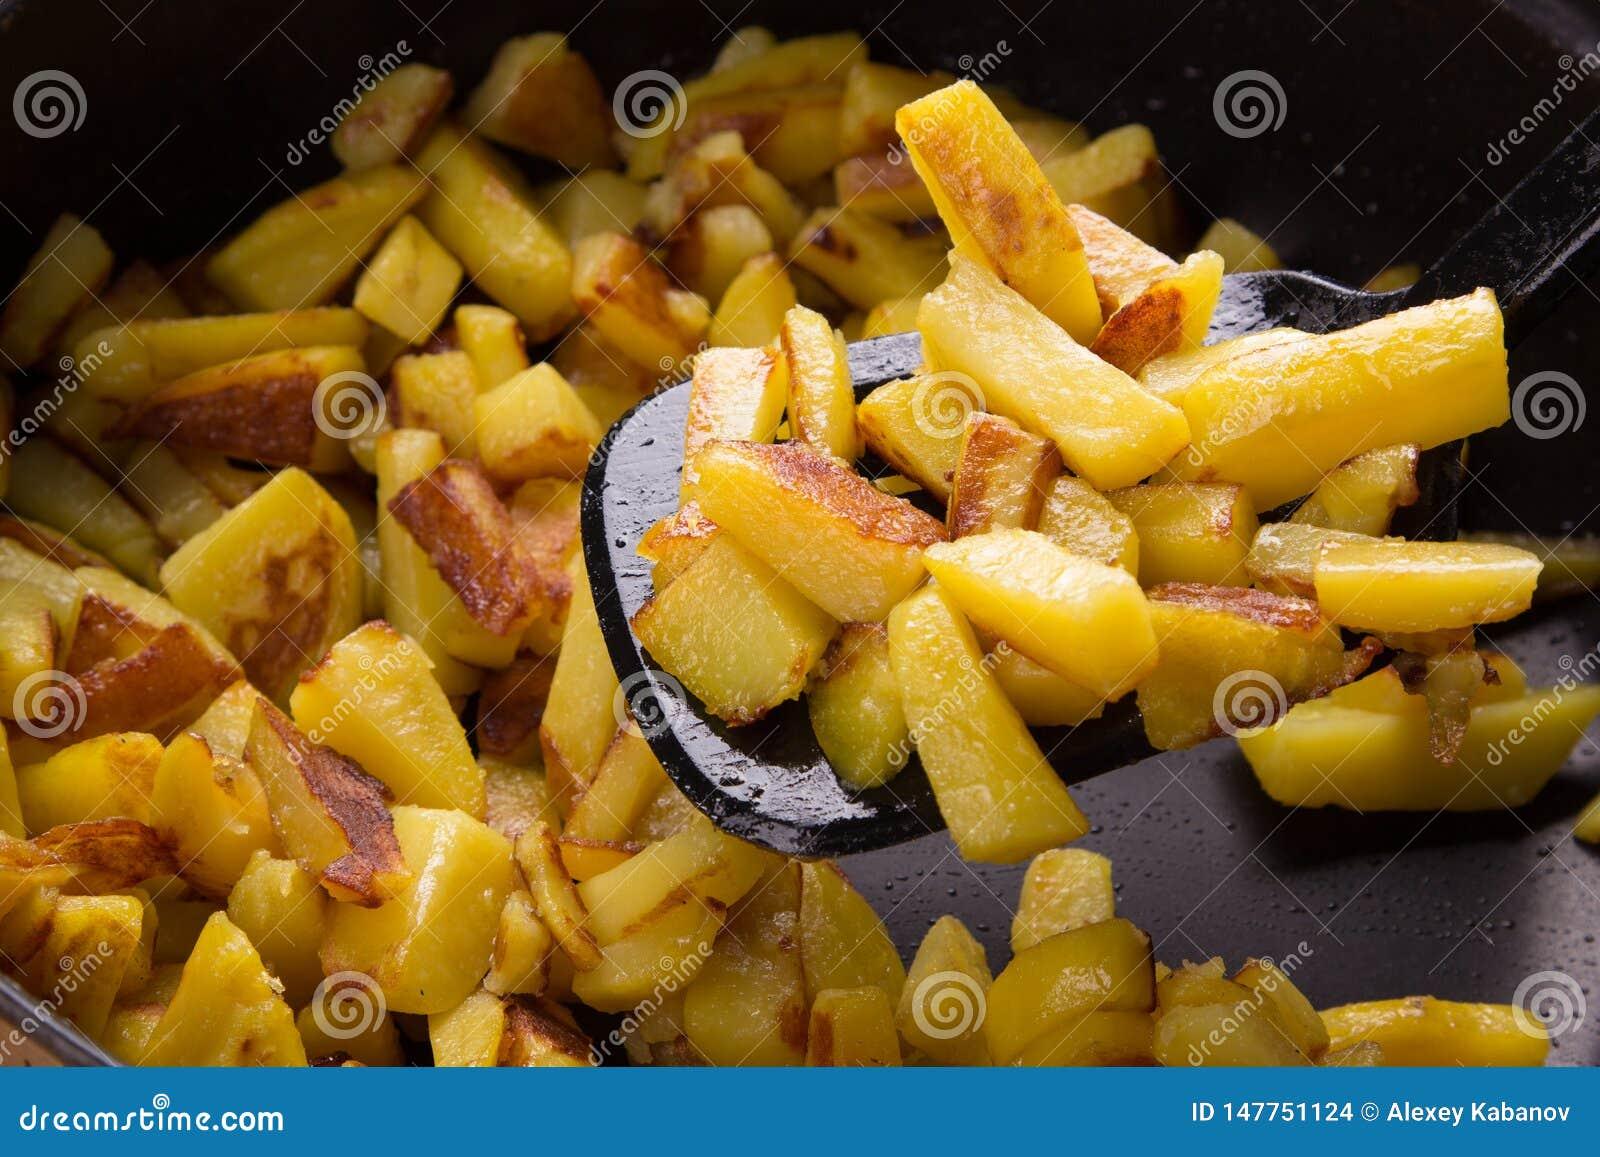 Sappige gebraden aardappels in een pan, eigengemaakte geroosterde aardappels met een knapperige dicht omhoog korst